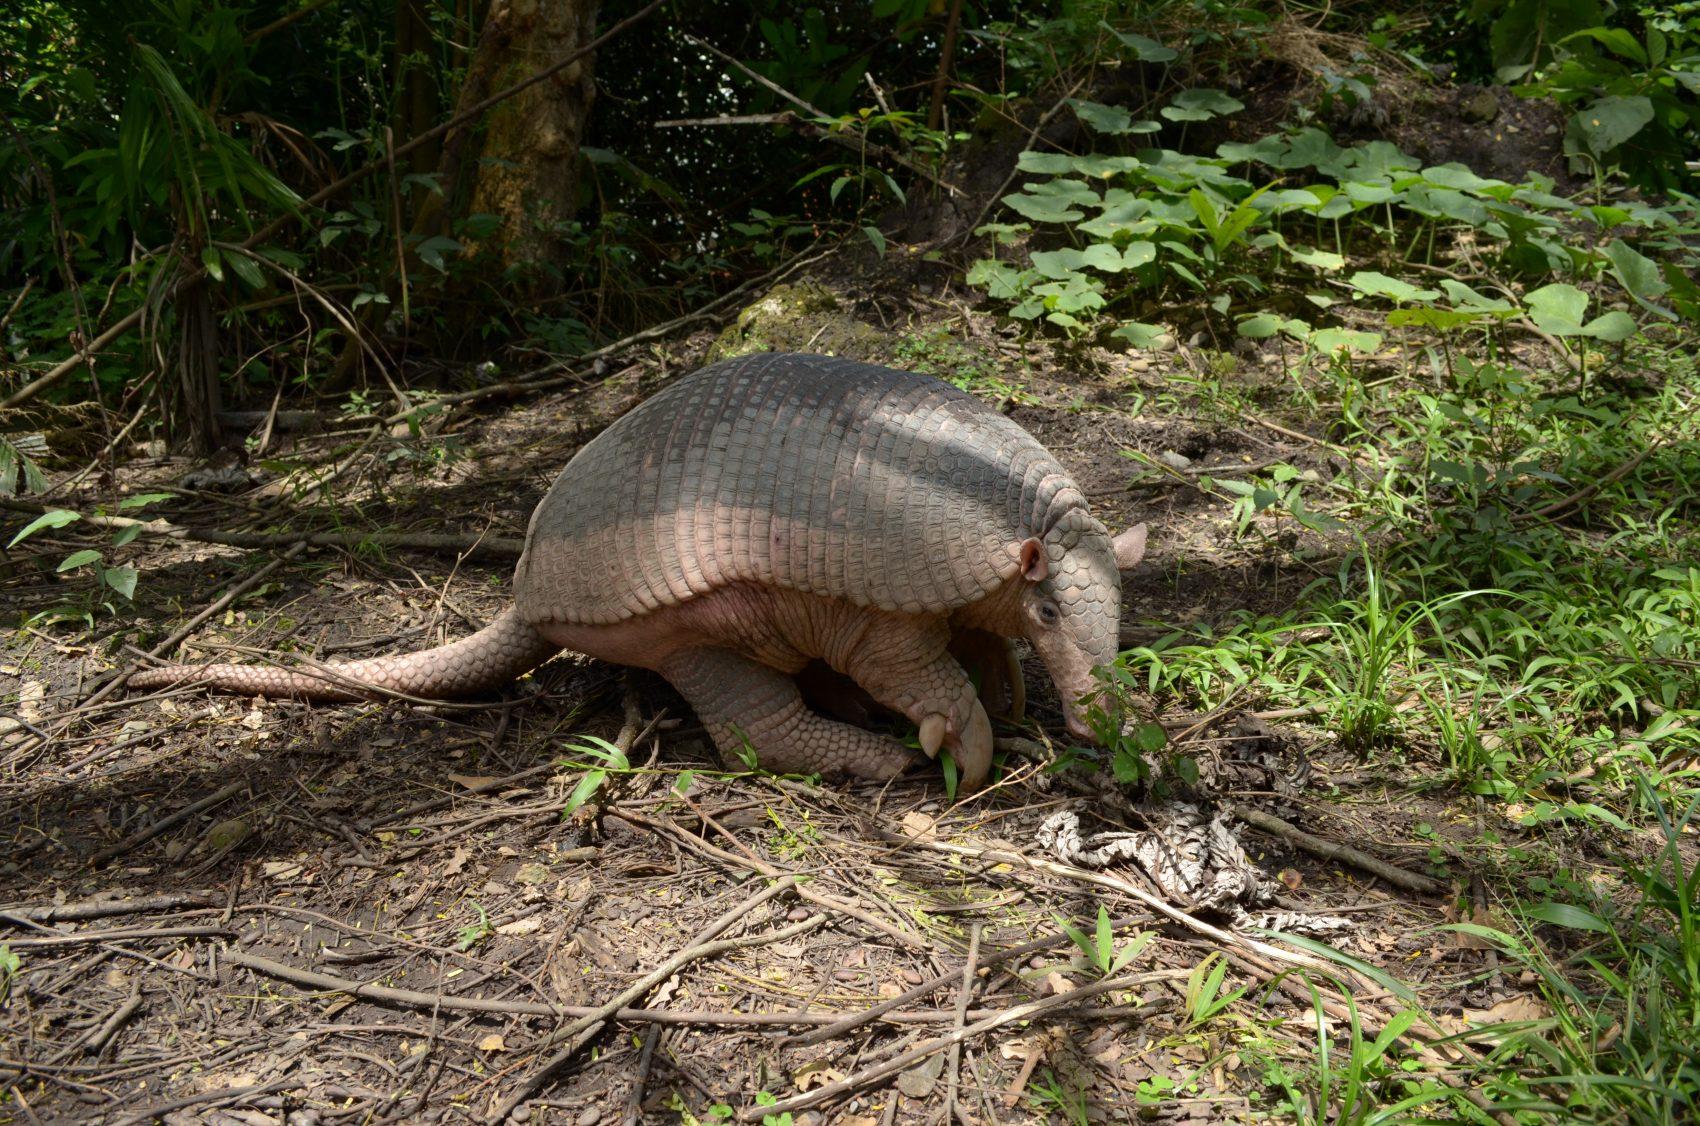 O tatu-canastra é uma das espécies ameaçadas do Cerrado (Foto Fernando Trujillo/IUCN )